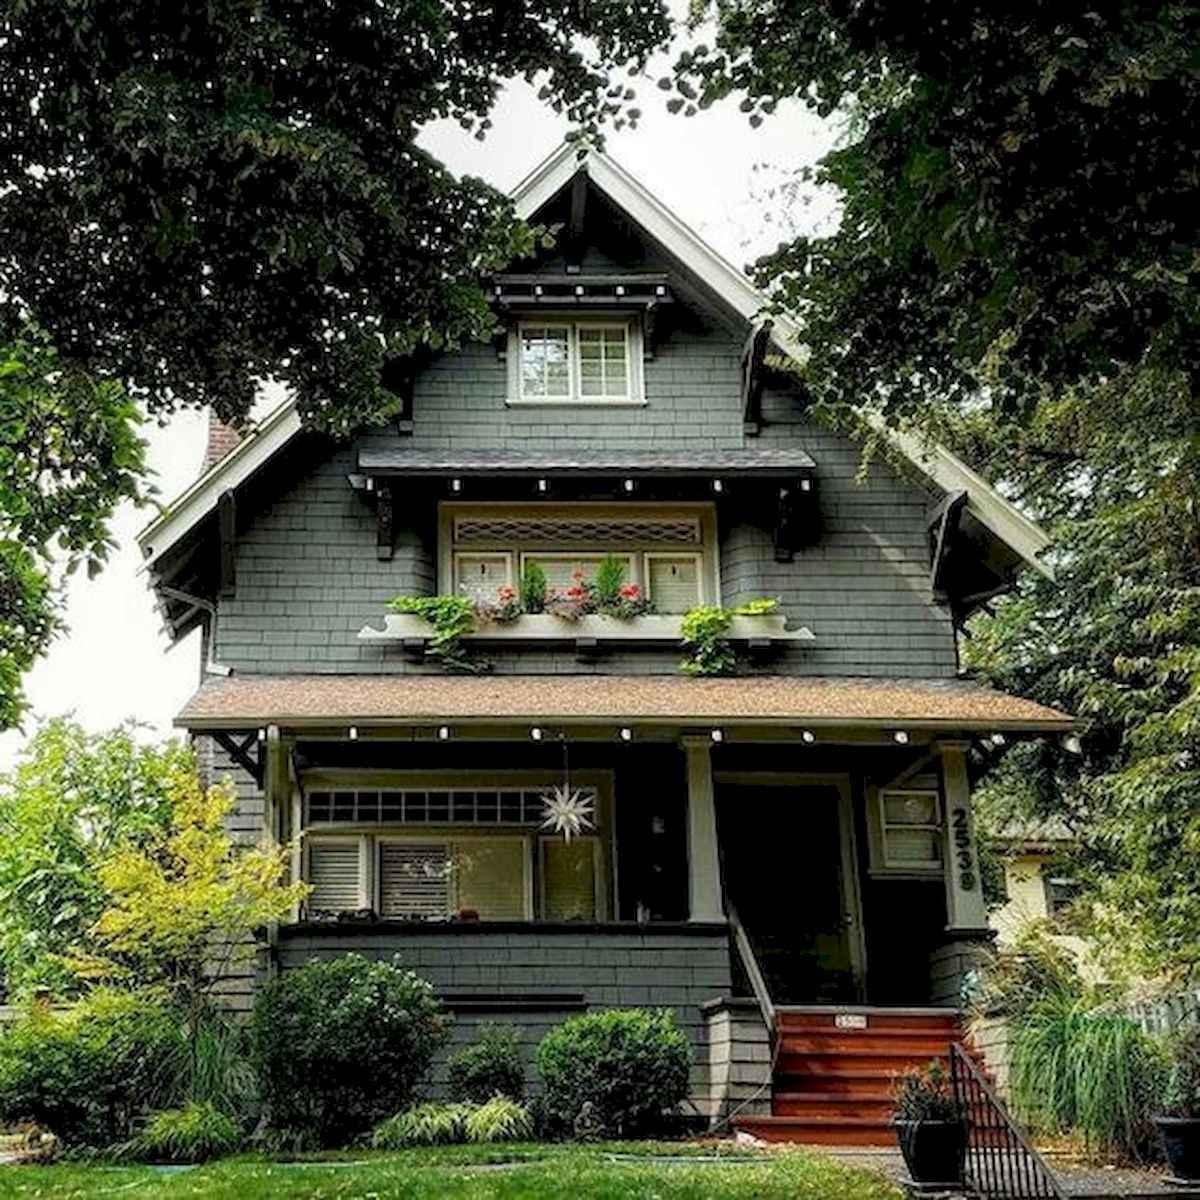 40 Best Bungalow Homes Design Ideas (29)